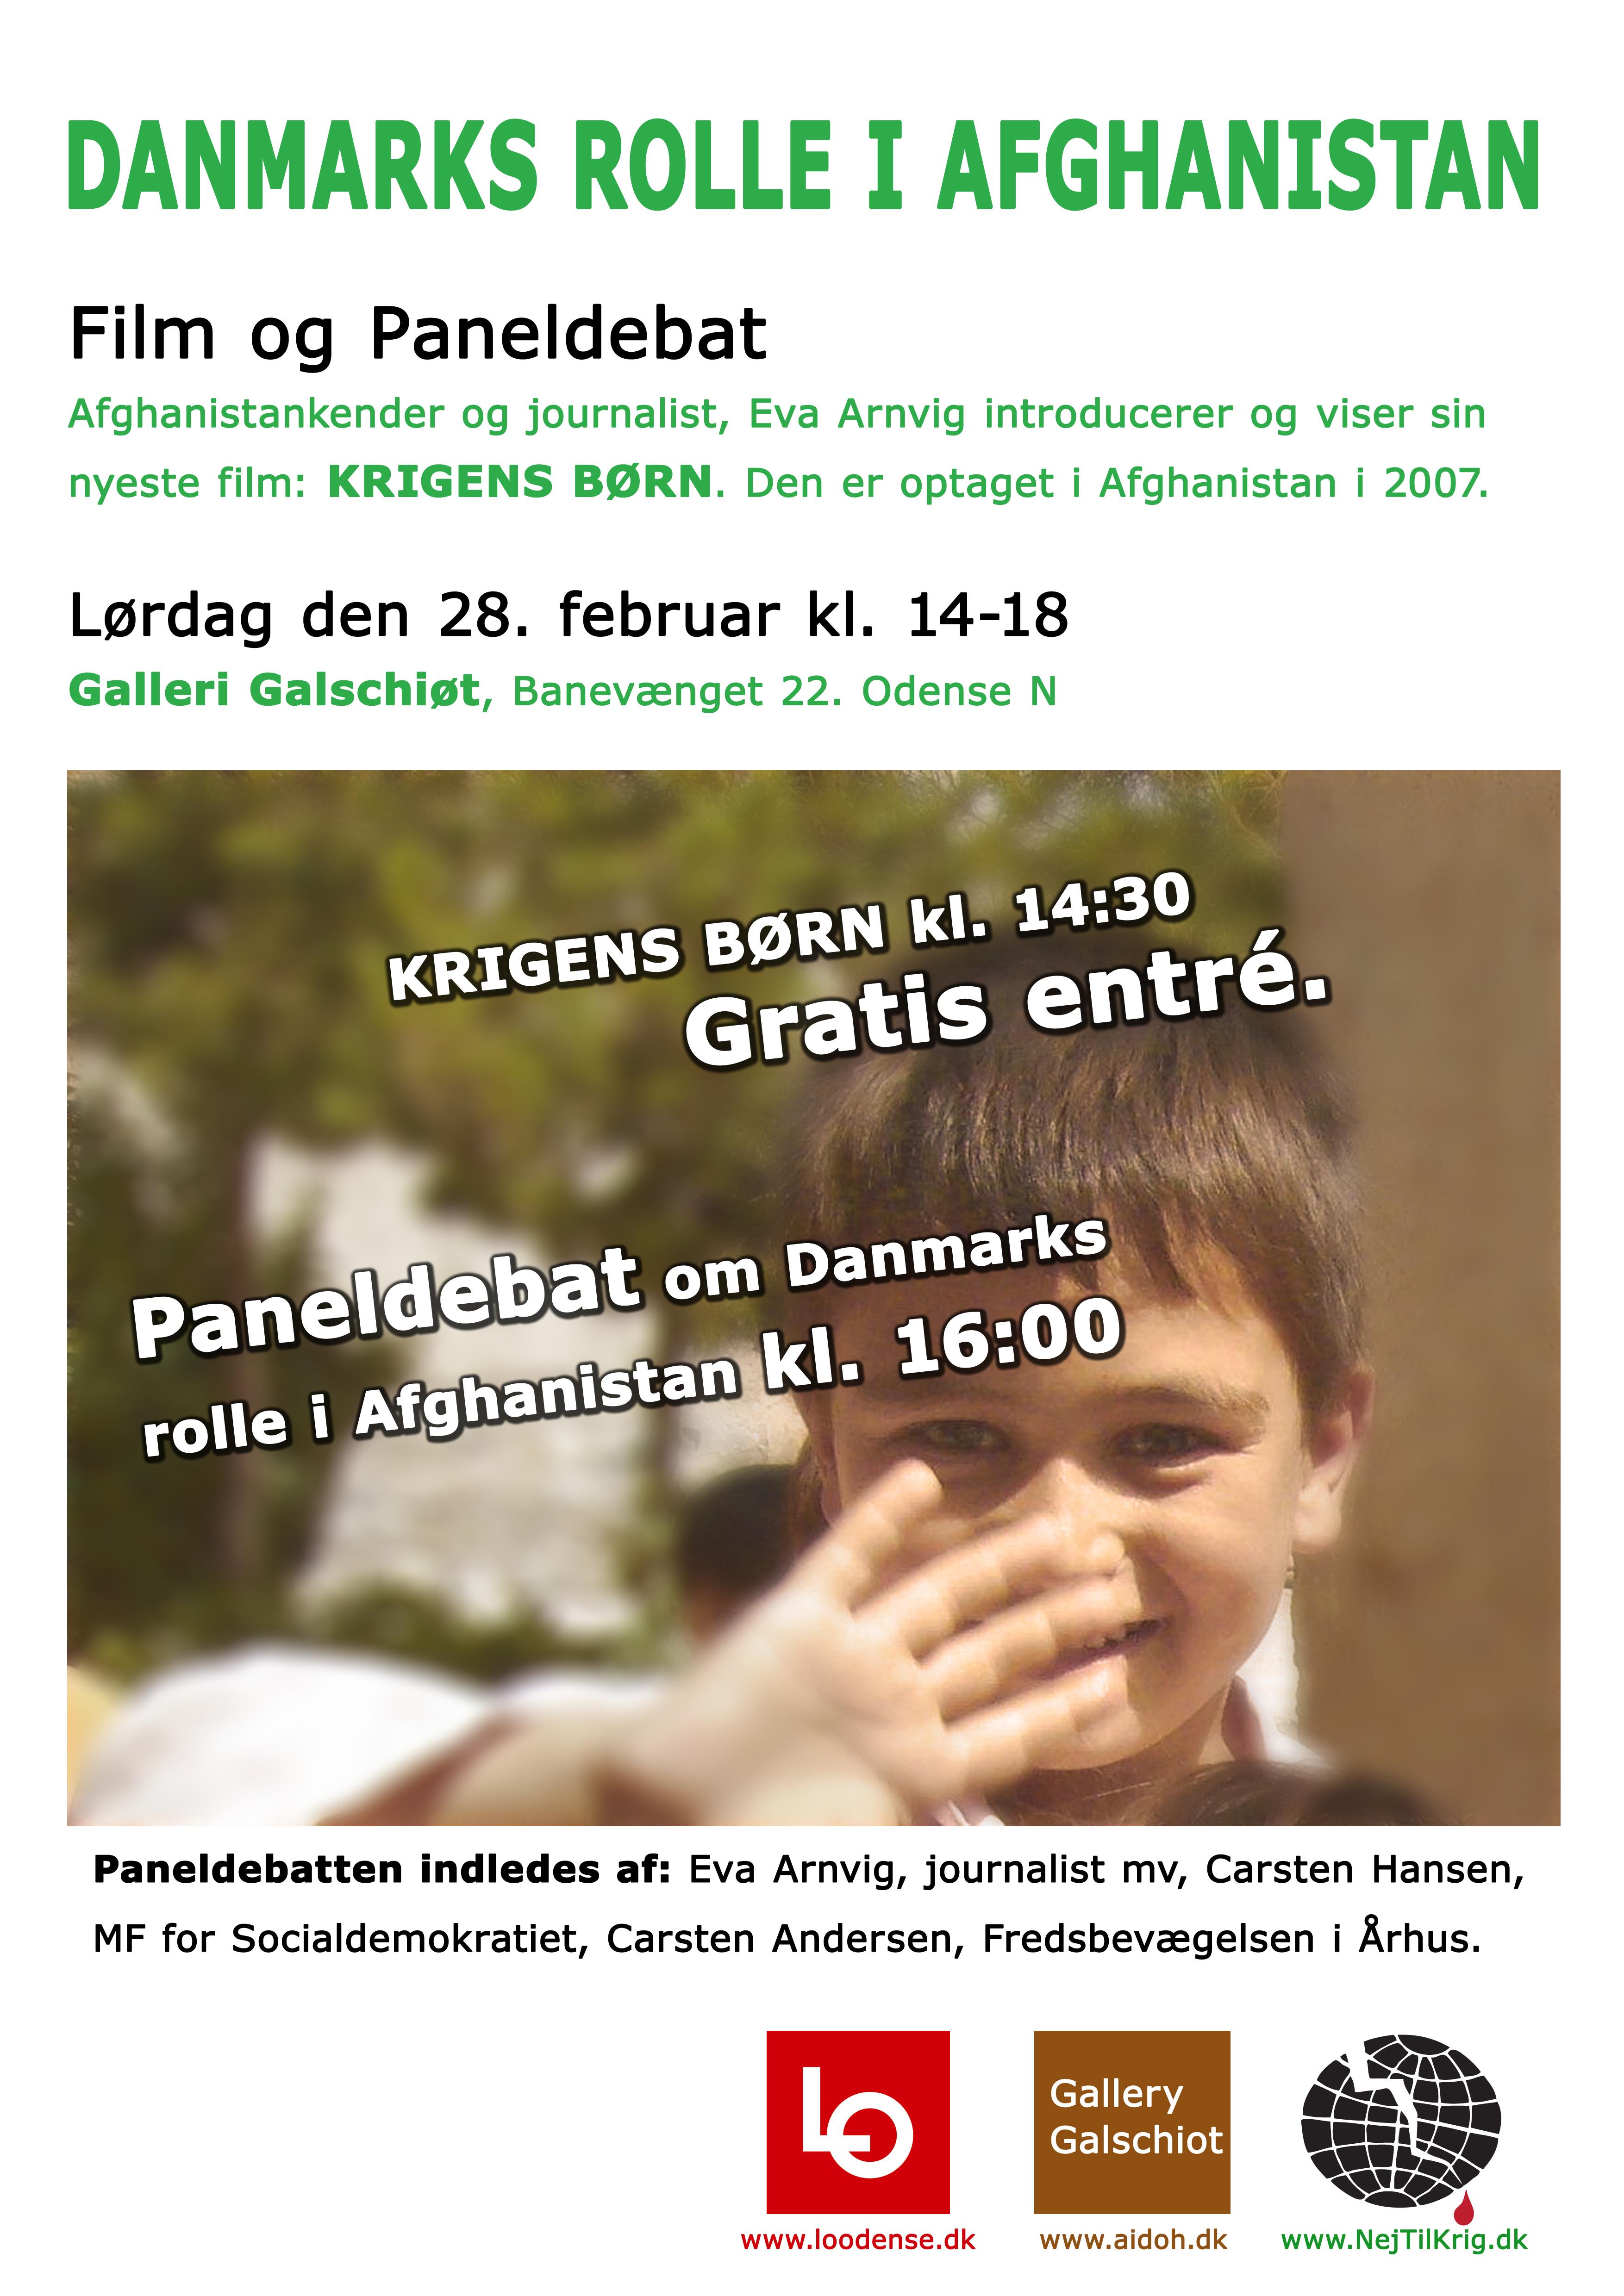 CINEMA AARHUS TRØJBORG ESCORT 4